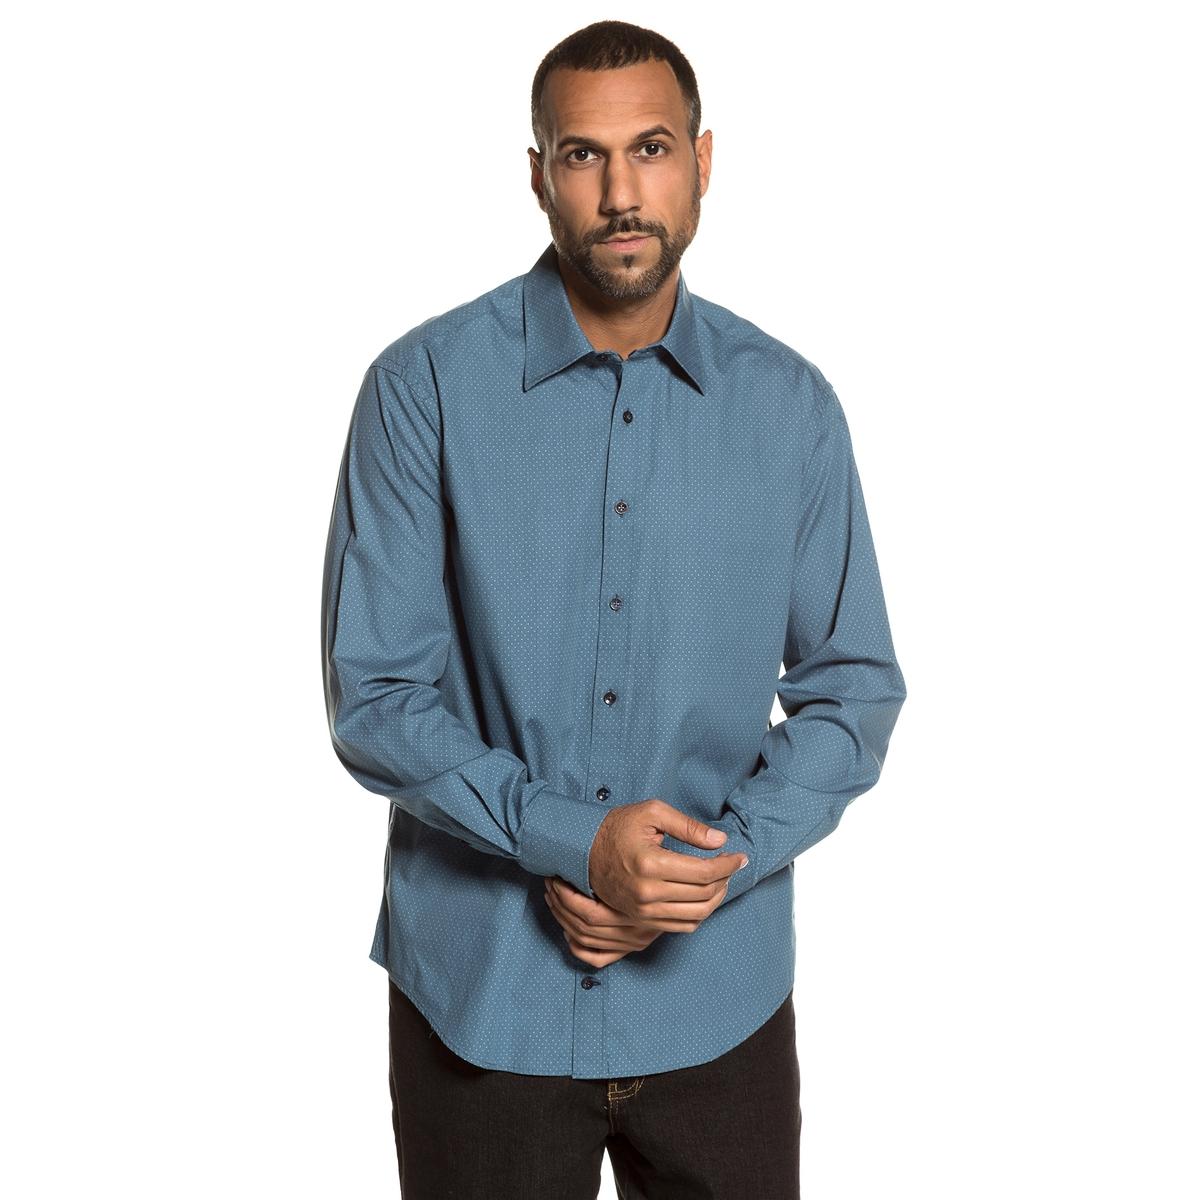 Рубашка с рисунком и длинными рукавамиОписание:Детали •  Длинные рукава •  Прямой покрой  •  Классический воротник •  Рисунок-принтСостав и уход •  100% хлопок •  Следуйте советам по уходу, указанным на этикеткеТовар из коллекции больших размеров<br><br>Цвет: синий потертый<br>Размер: 4XL.3XL